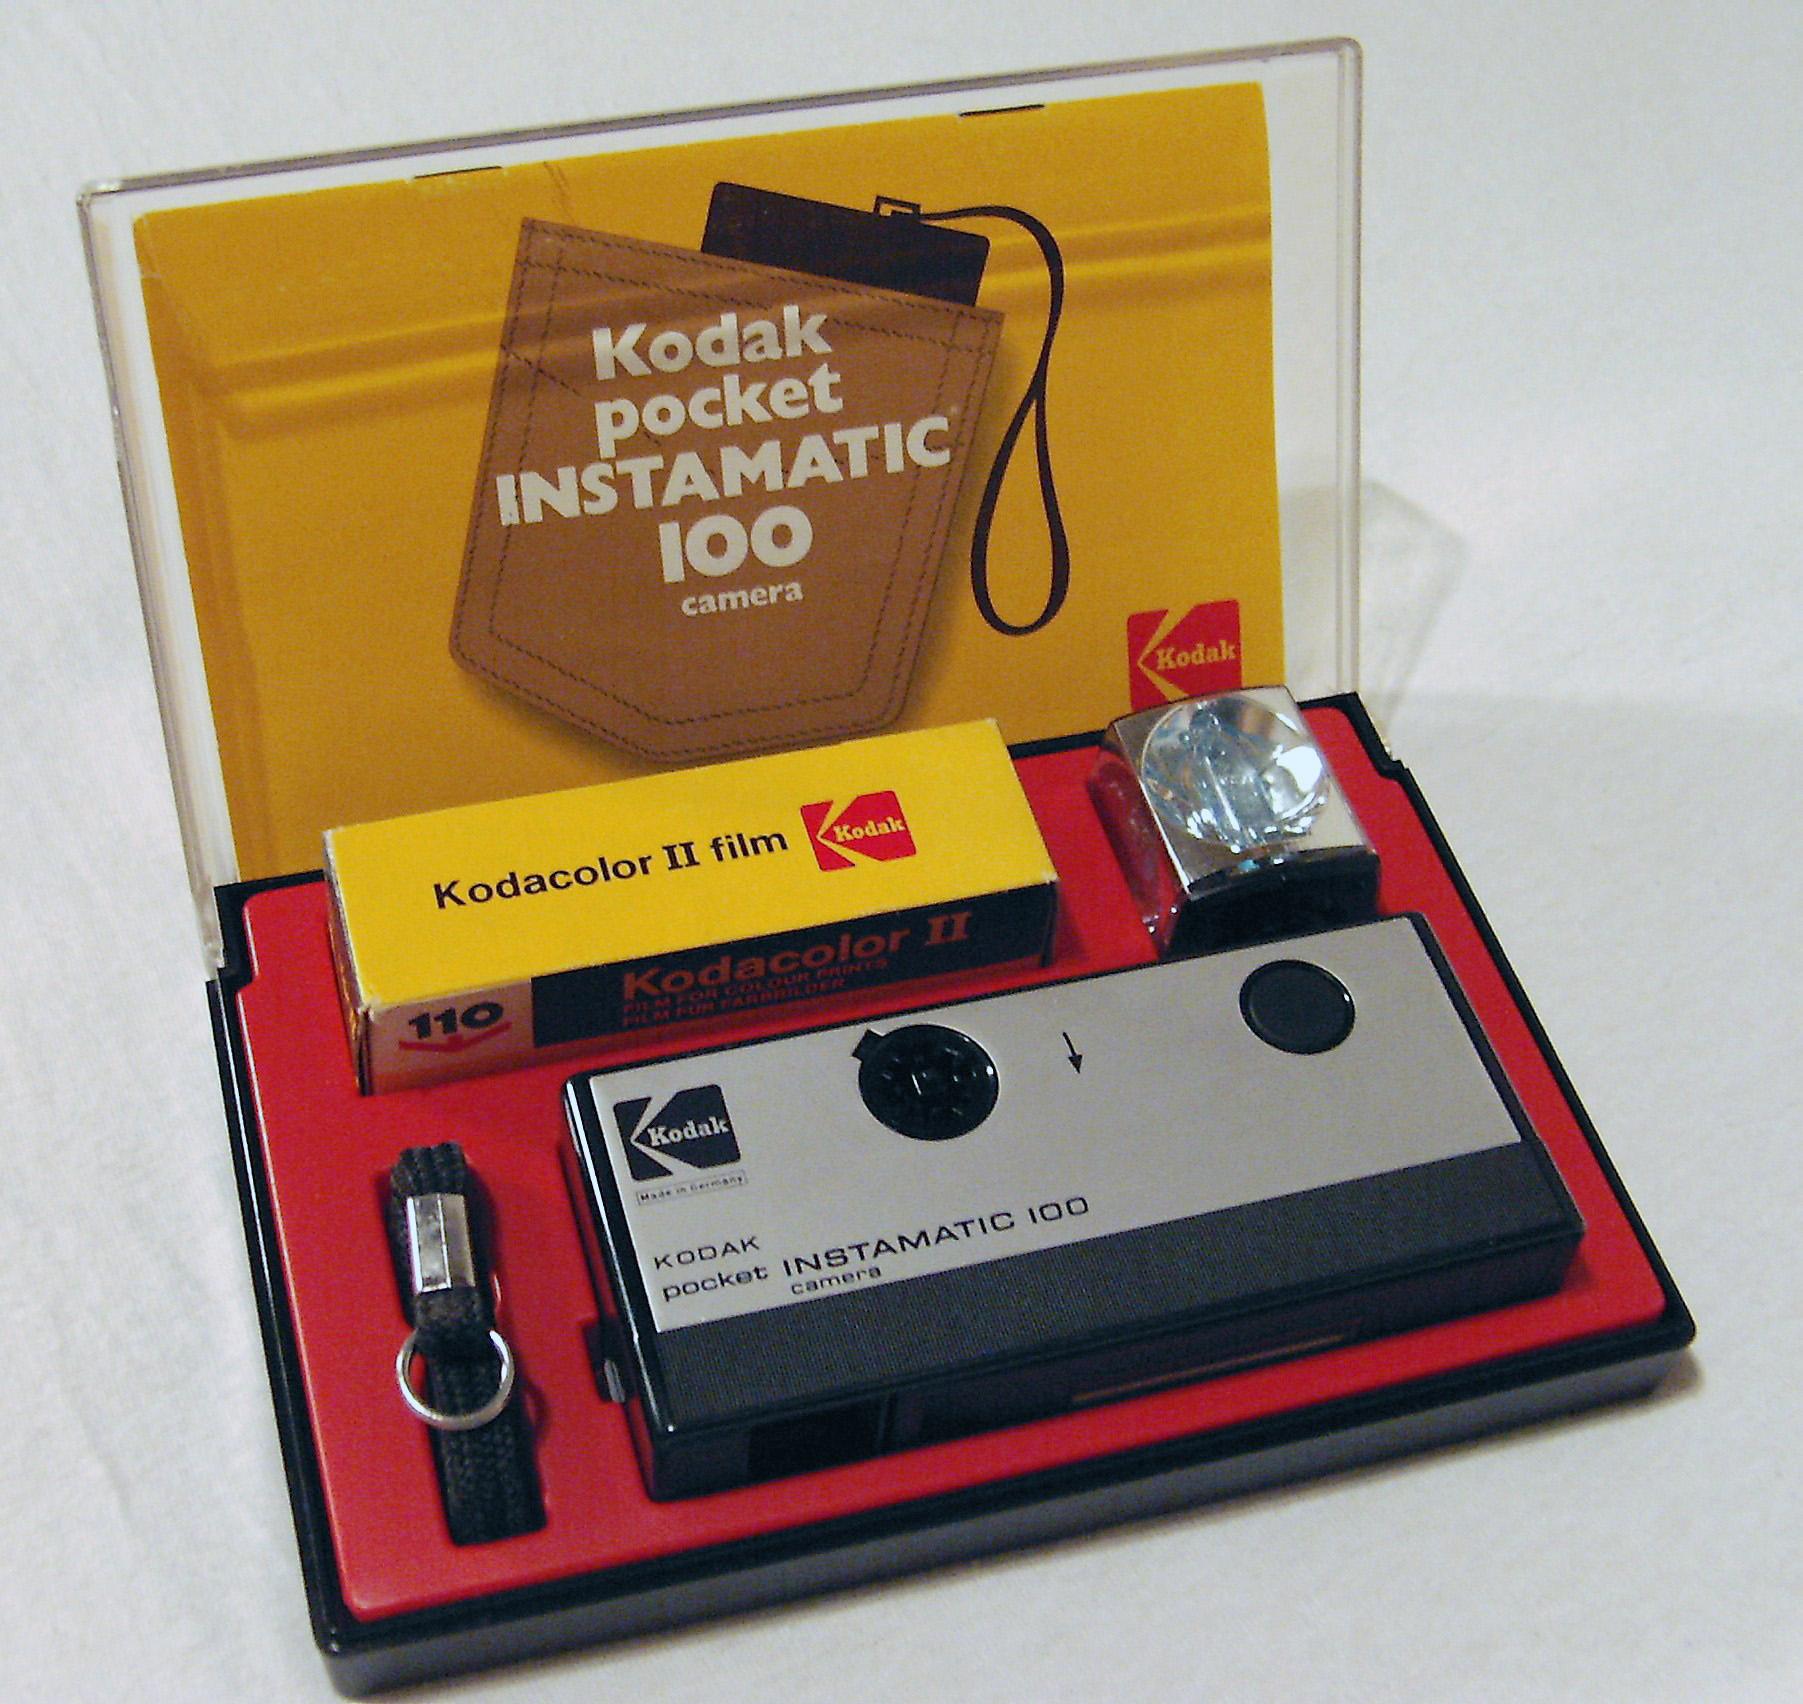 Kodak_pocket_instamatic_100_(1972).jpg